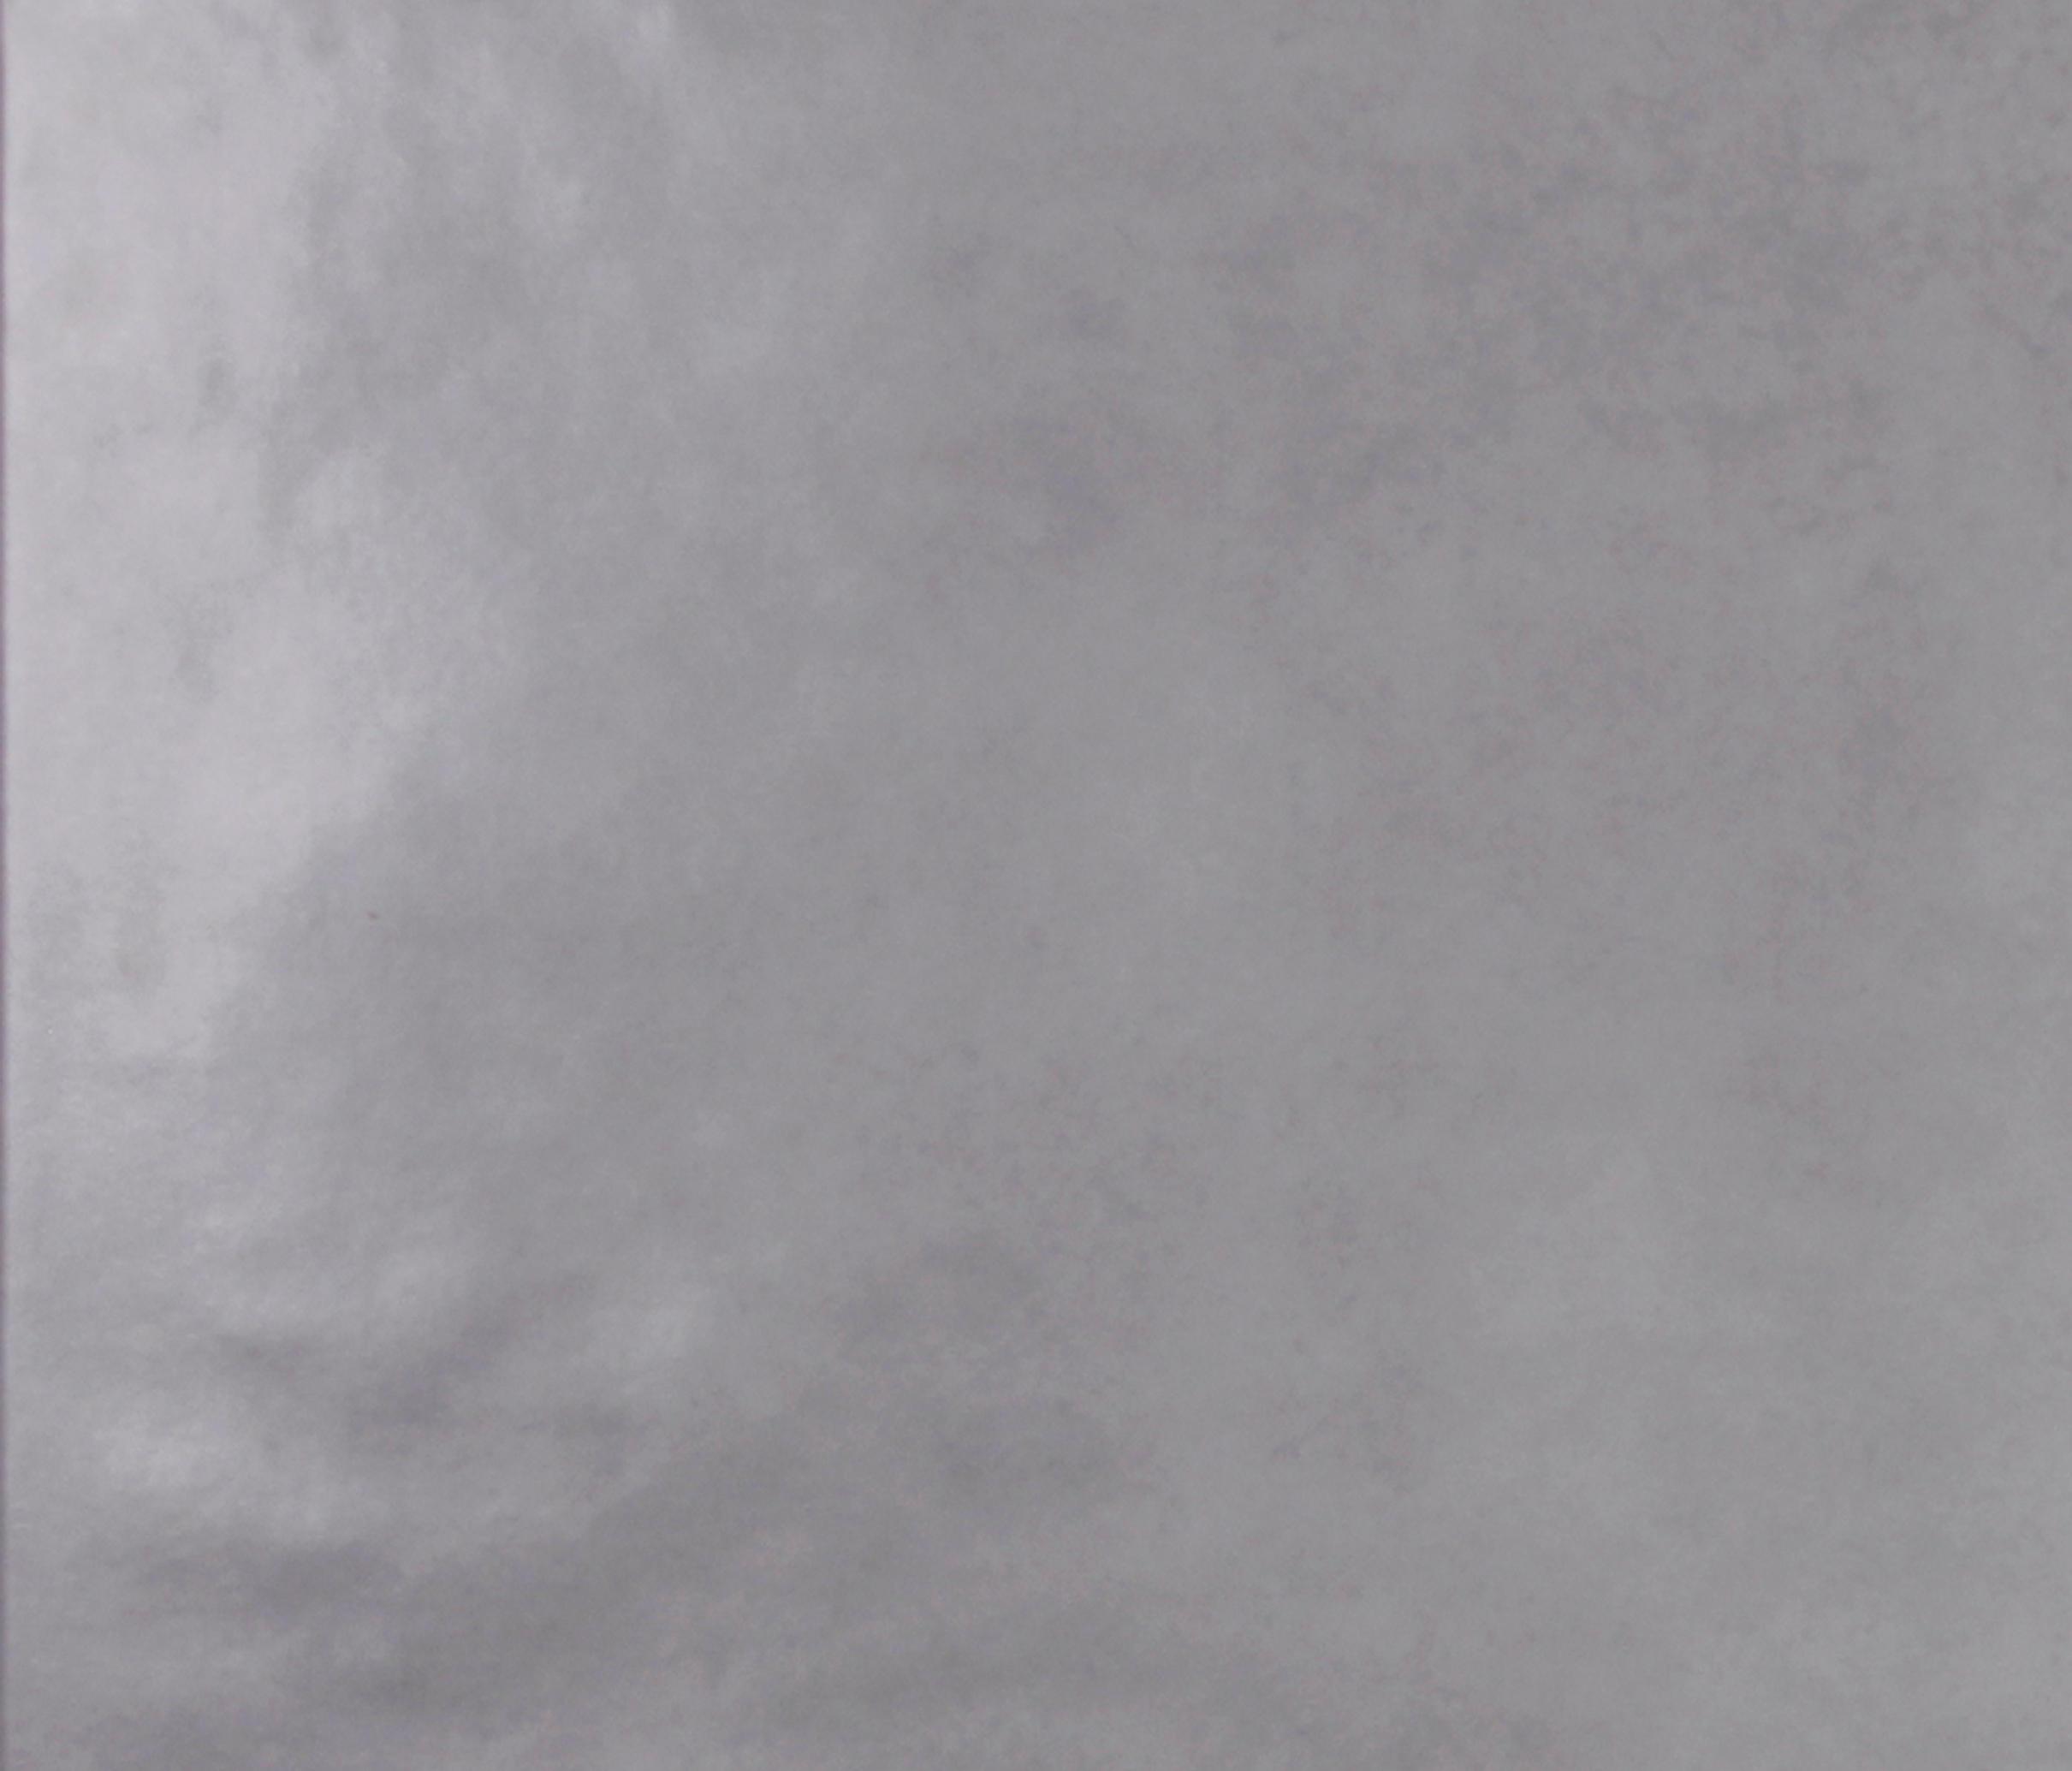 Beton gris carrelage pour sol de keraben architonic for Carrelage keraben